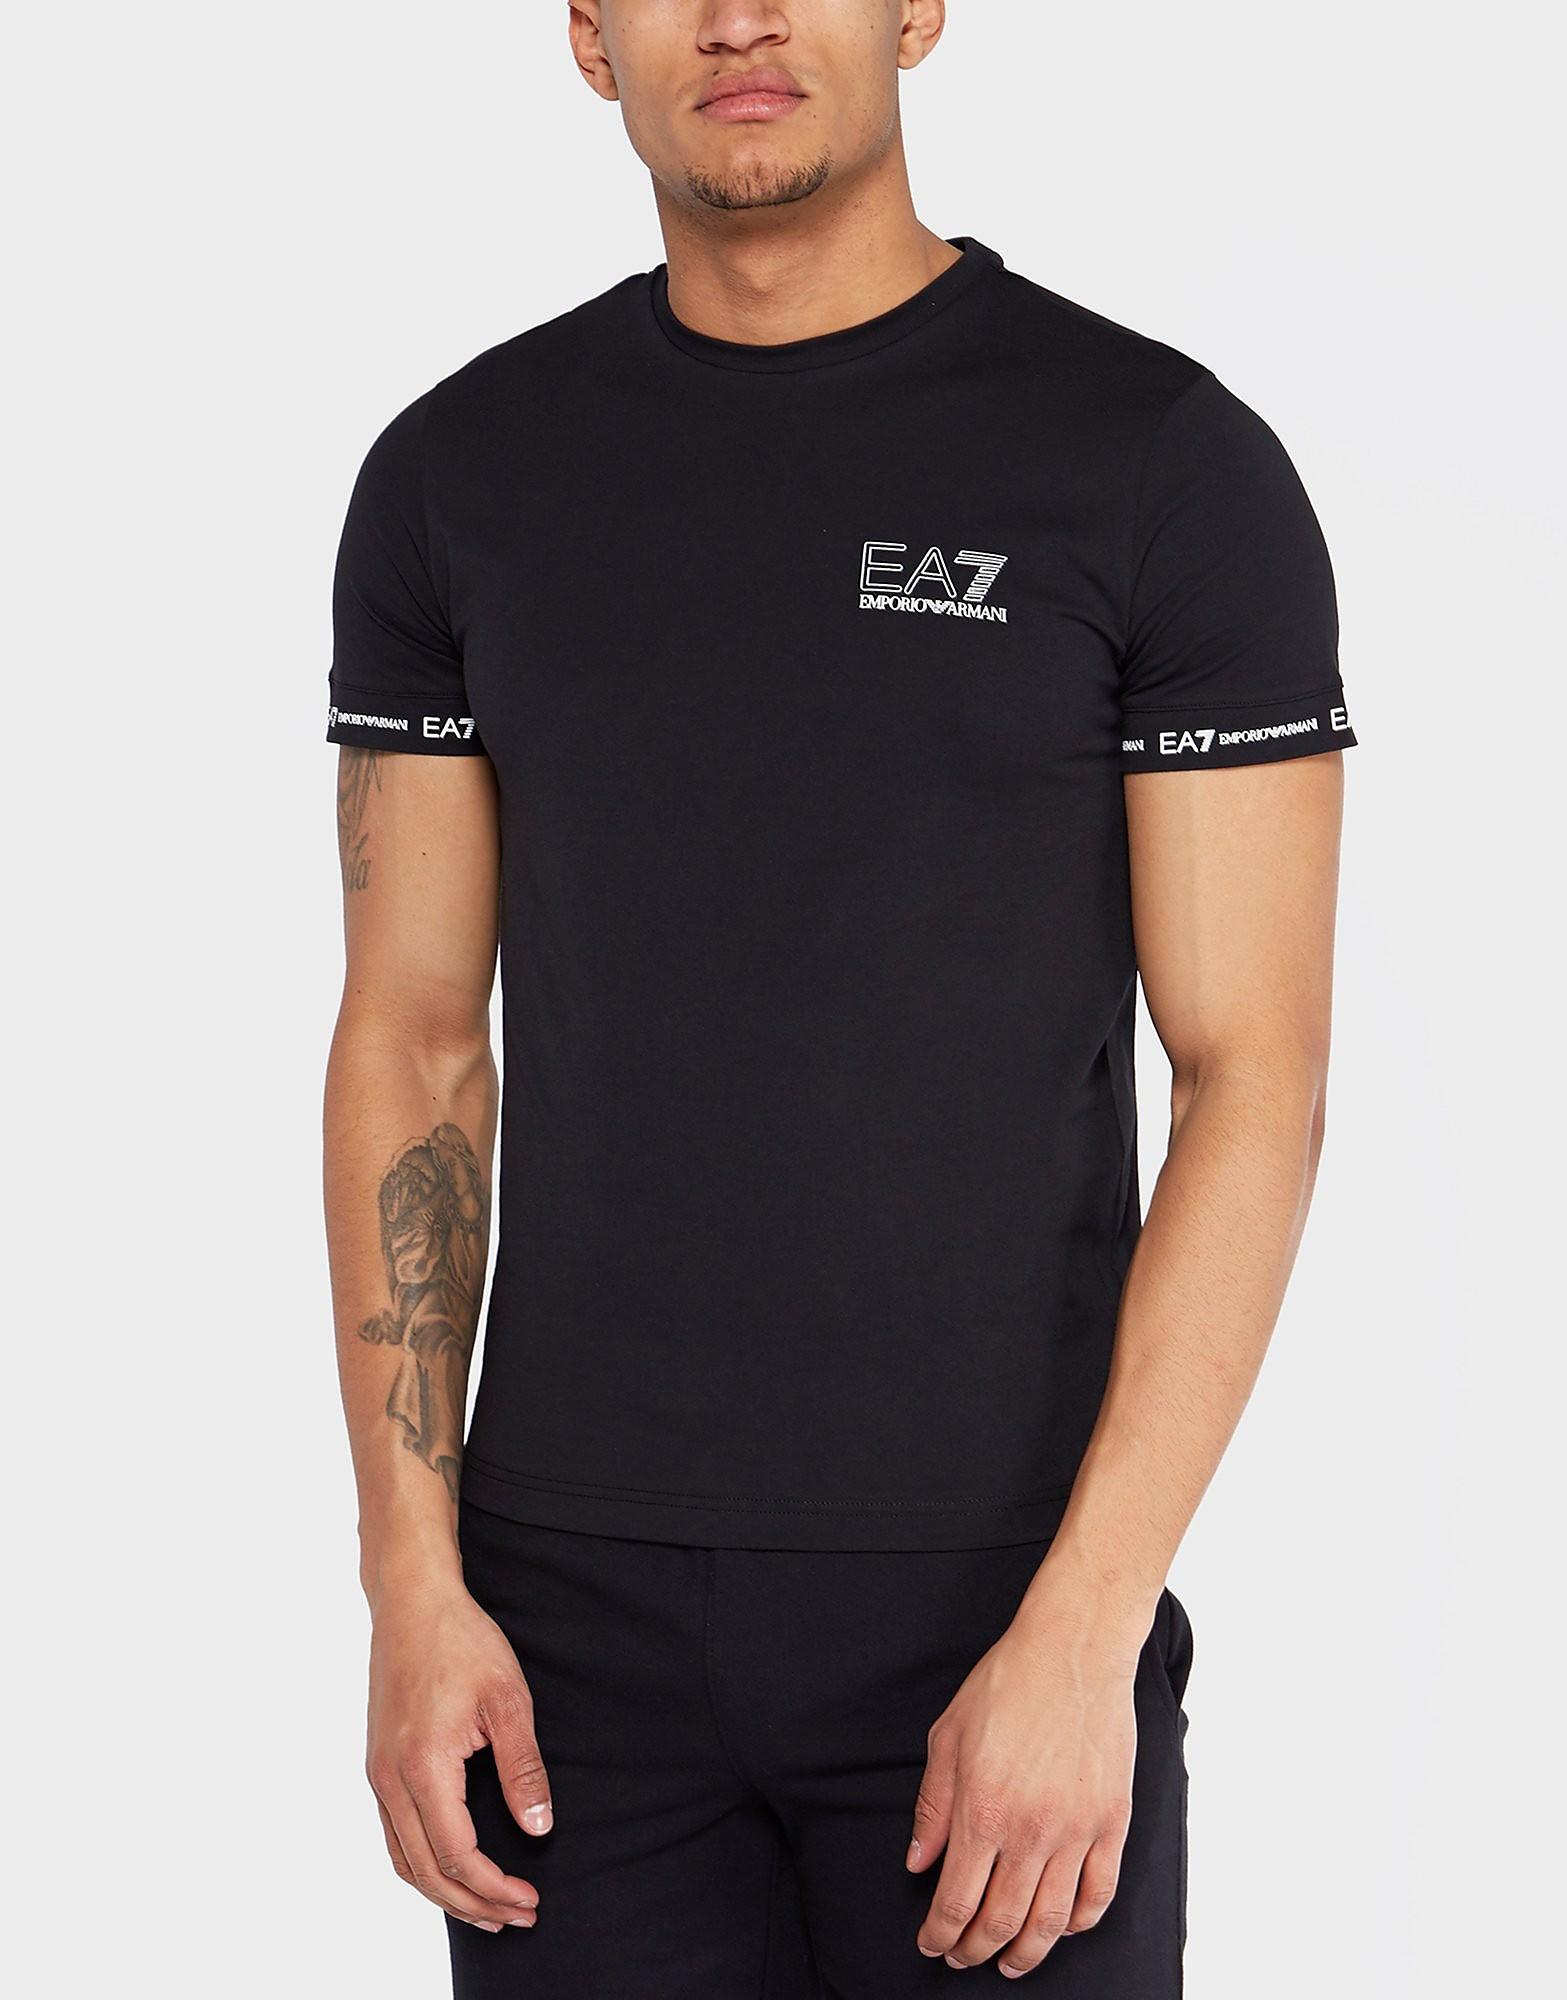 Emporio Armani EA7 Sleeve Branded T-Shirt - Exclusive